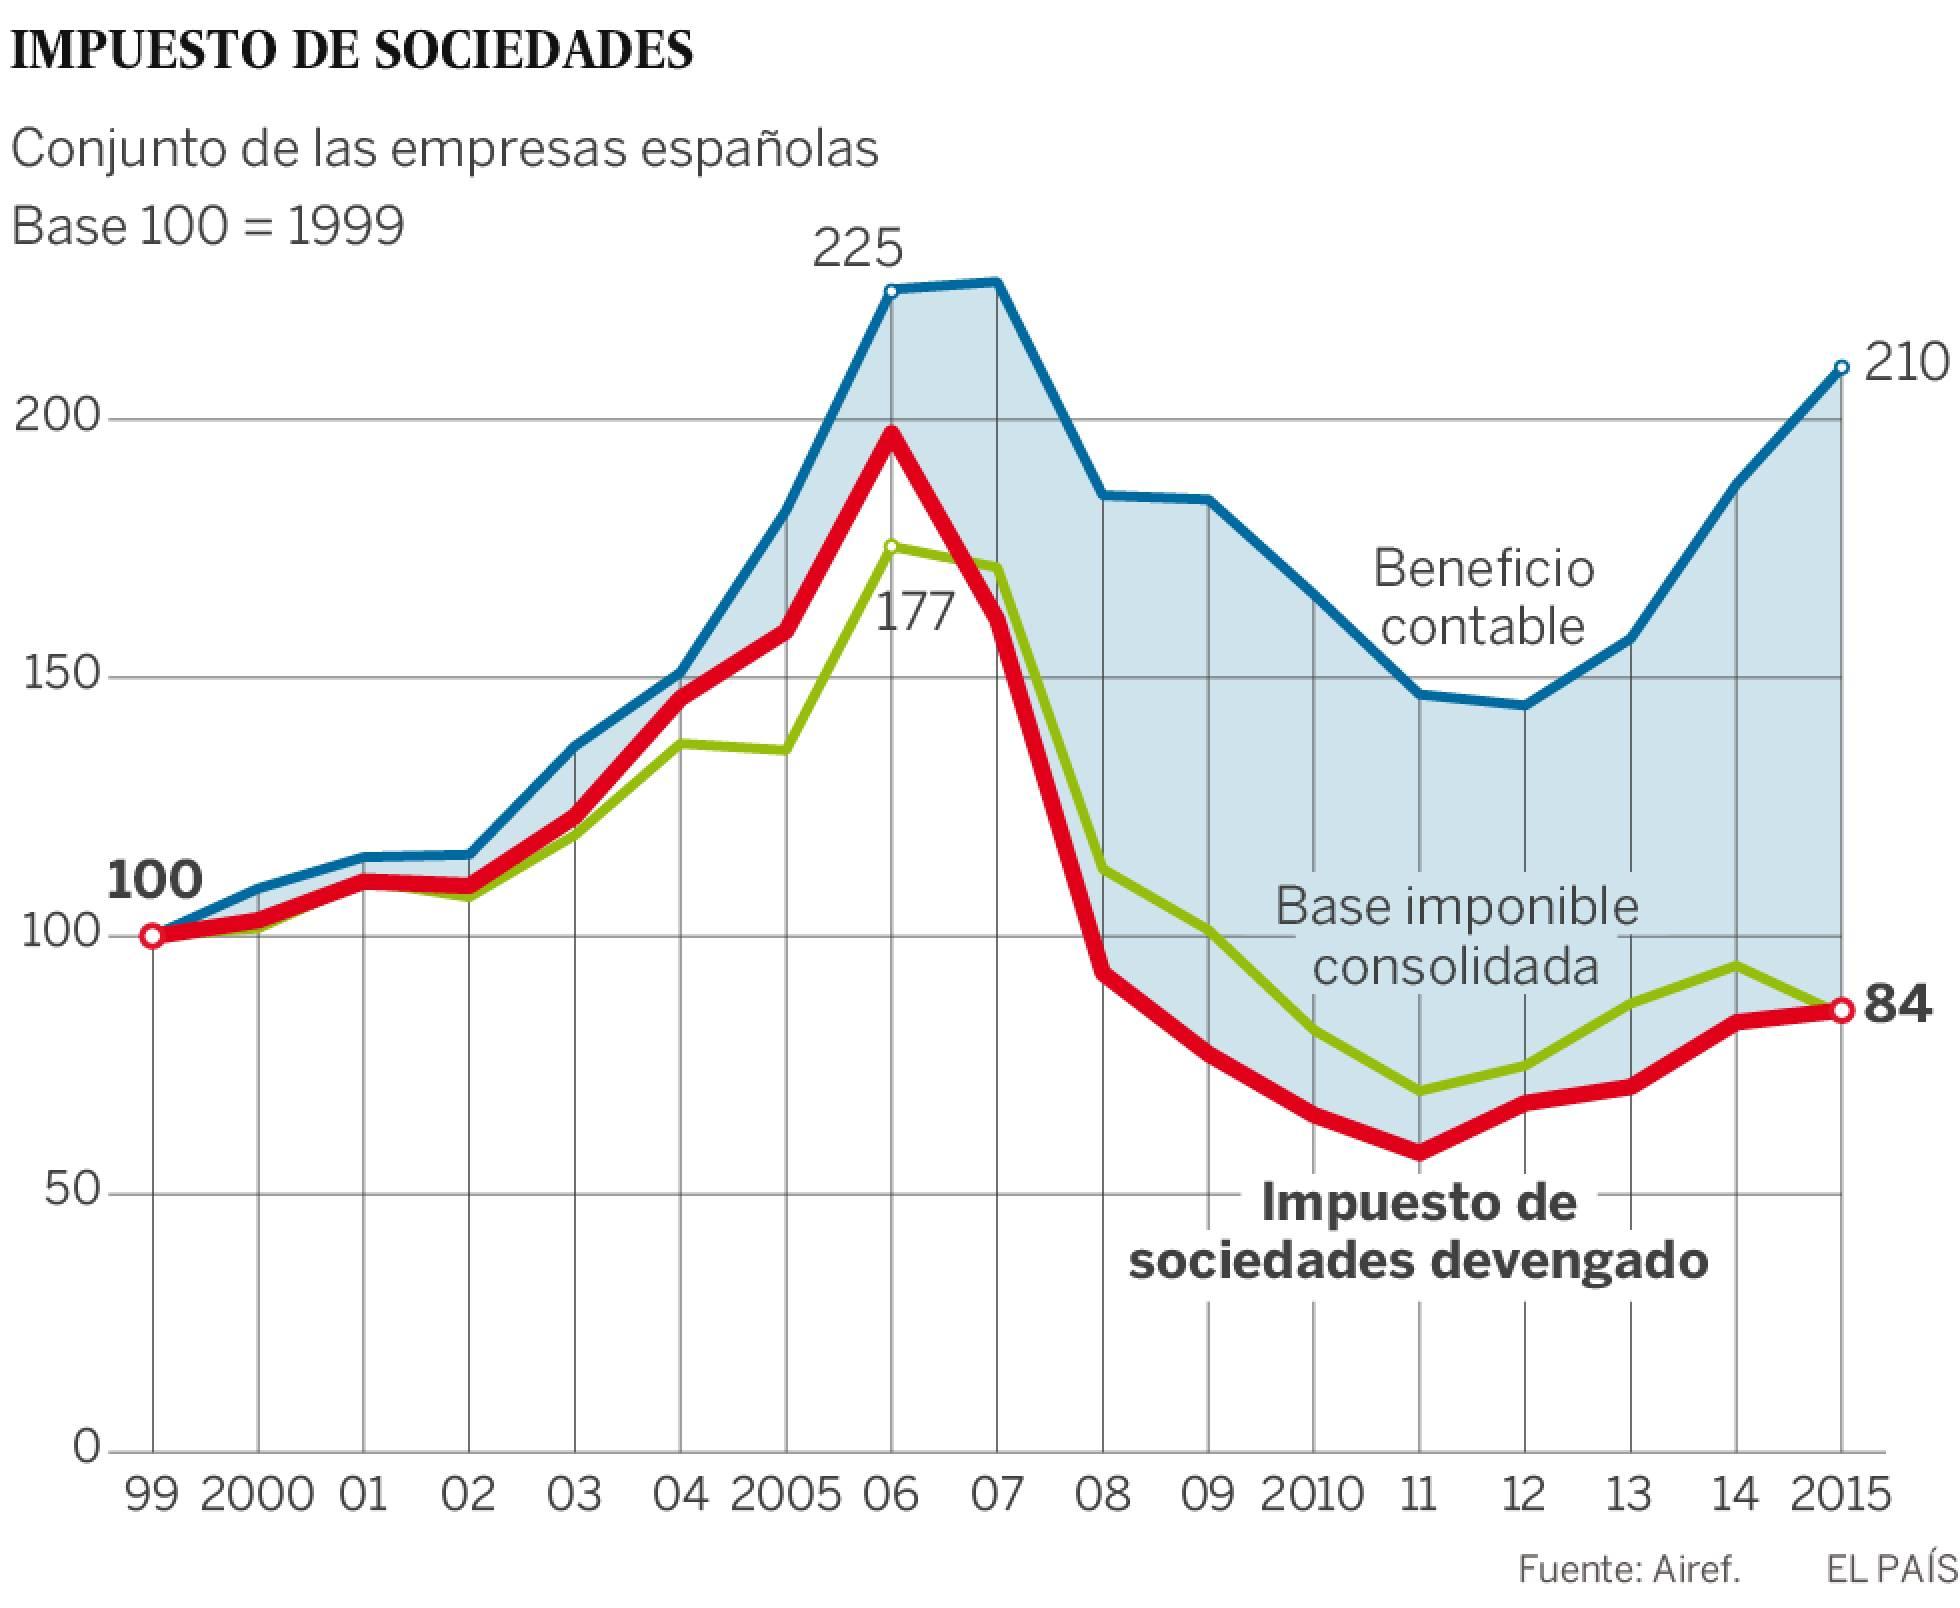 España: Impuestos de patrimonio, renta y sociedades. Presión clasista del capital. 1470859513_230588_1470861338_sumario_normal_recorte1